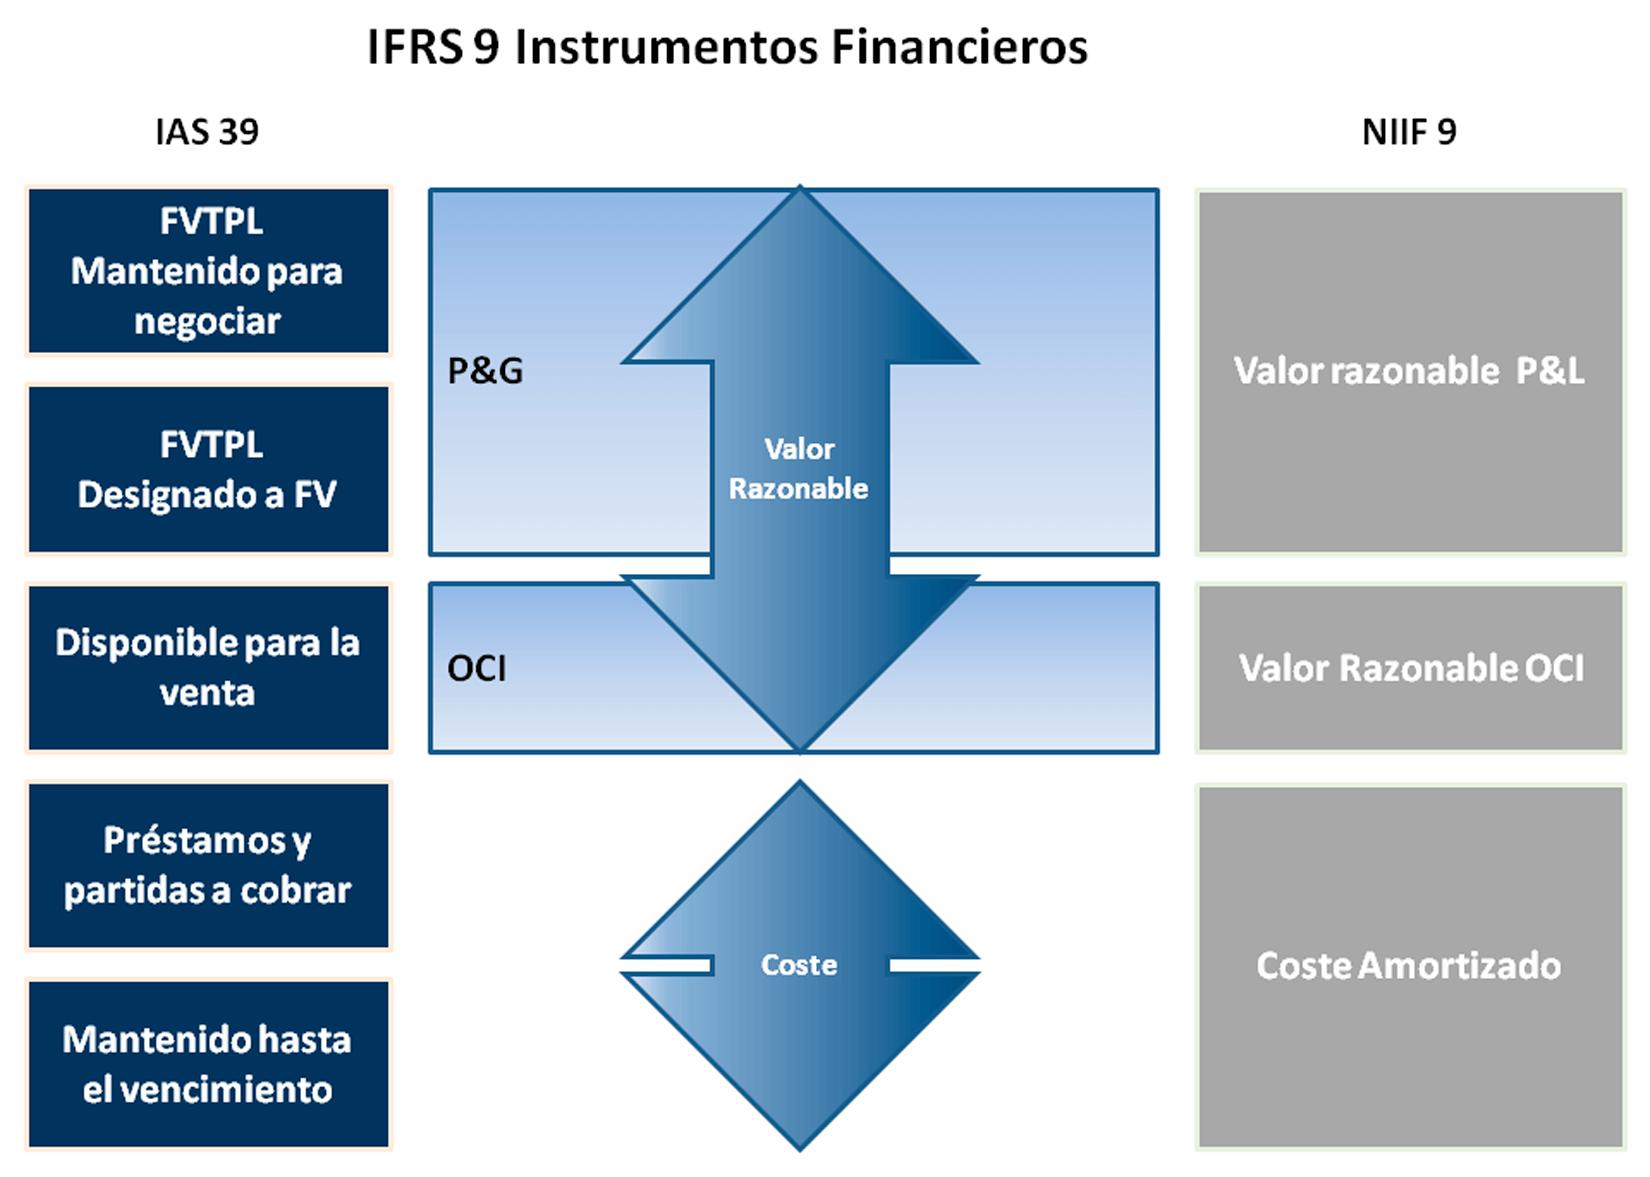 Clasificación y valoración de instrumentos financieros